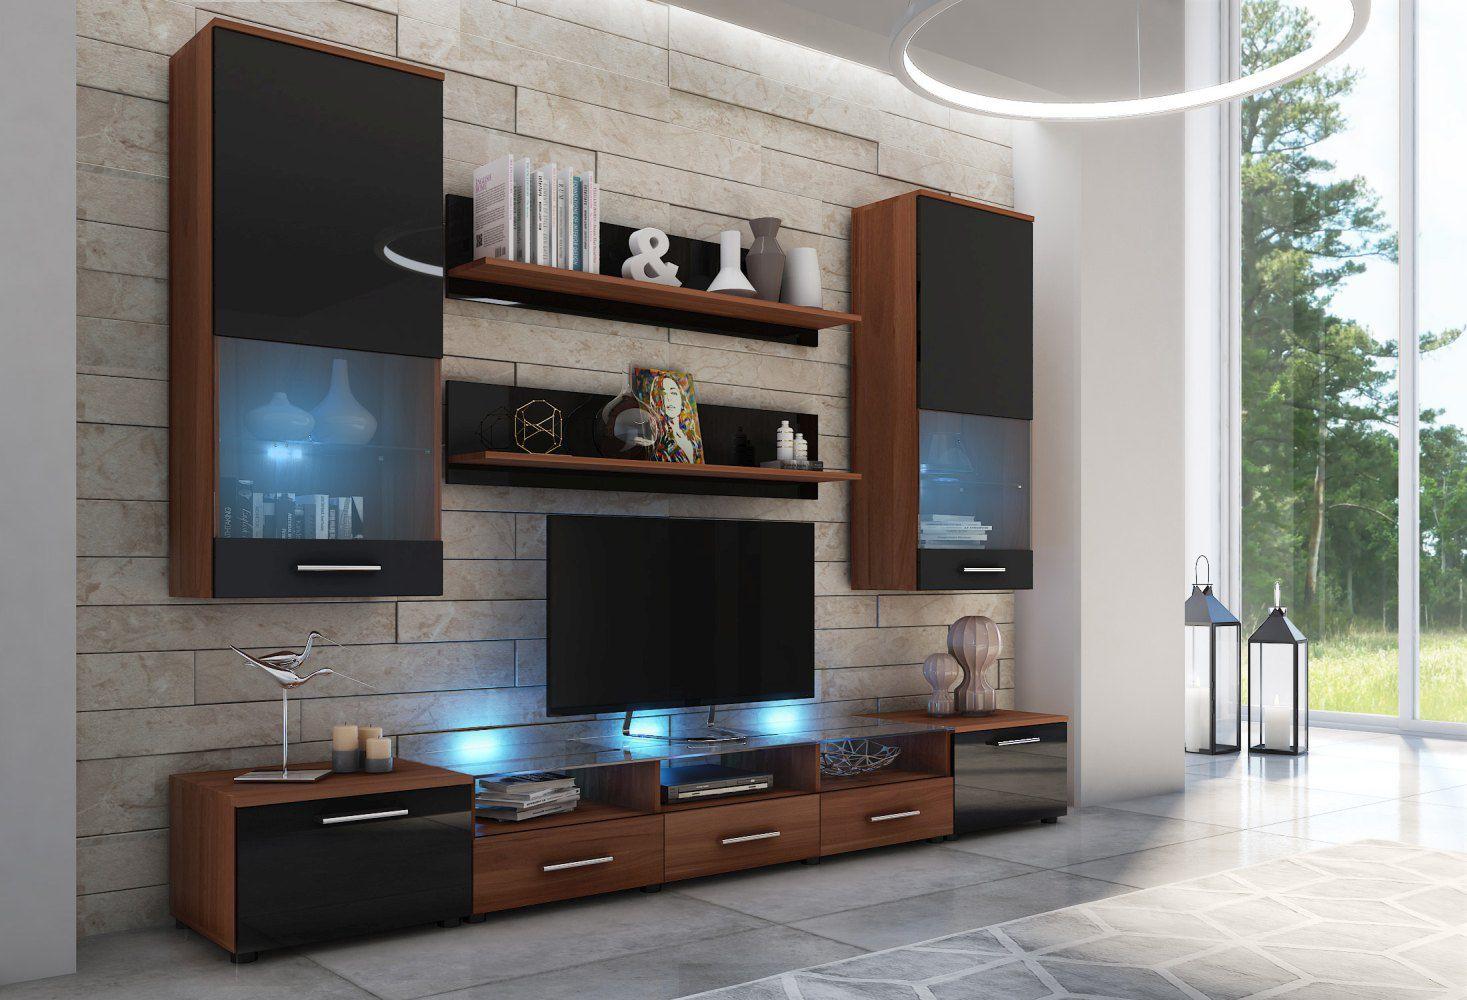 Wohnzimmer - Set D Seriola, 7-teilig, Farbe: Dunkelbraun / Schwarz Glanz